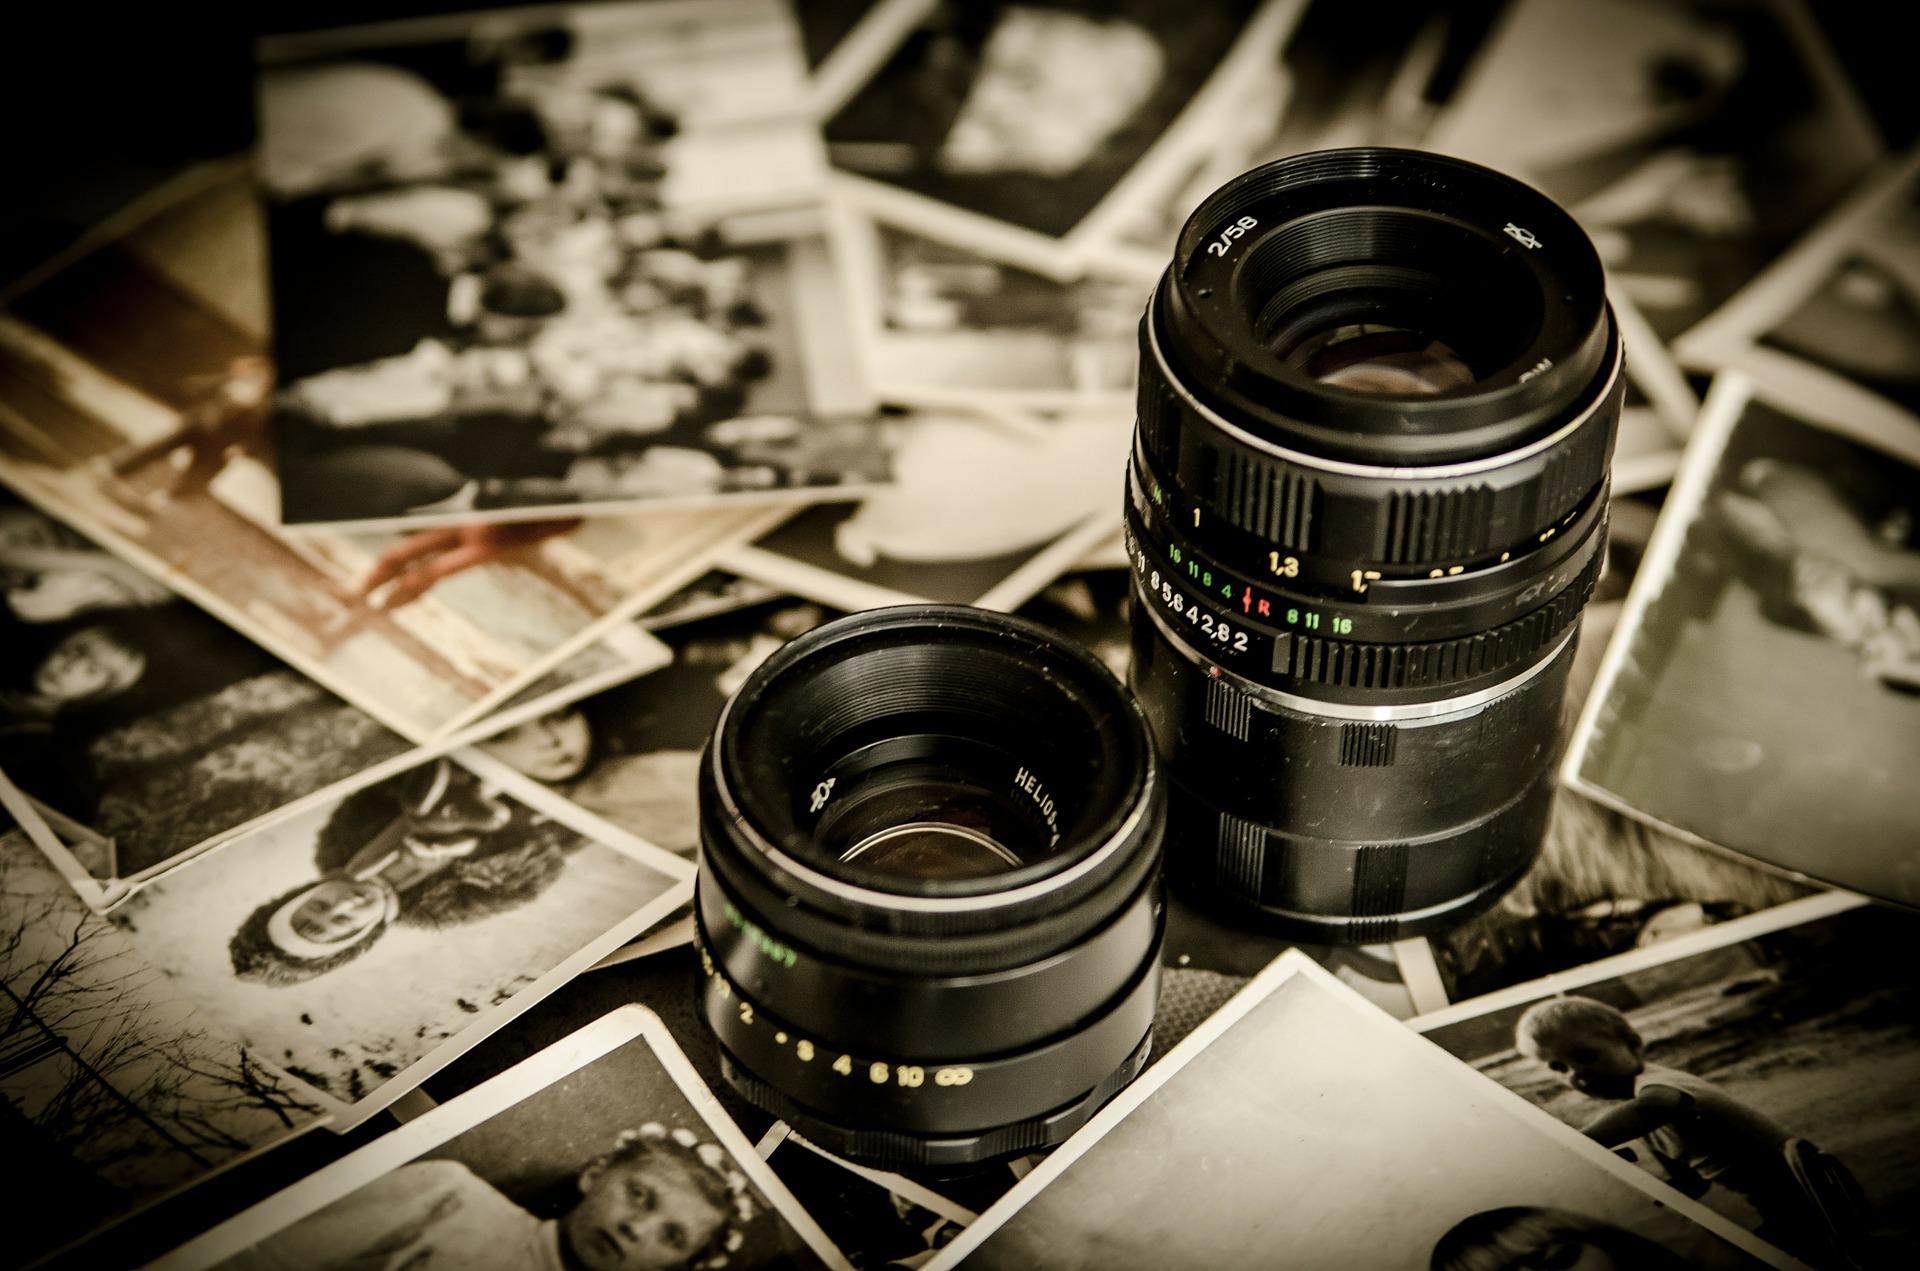 Valokuvausharrastus on loistava tapa ikuistaa elämän tärkeimpiä hetkiä